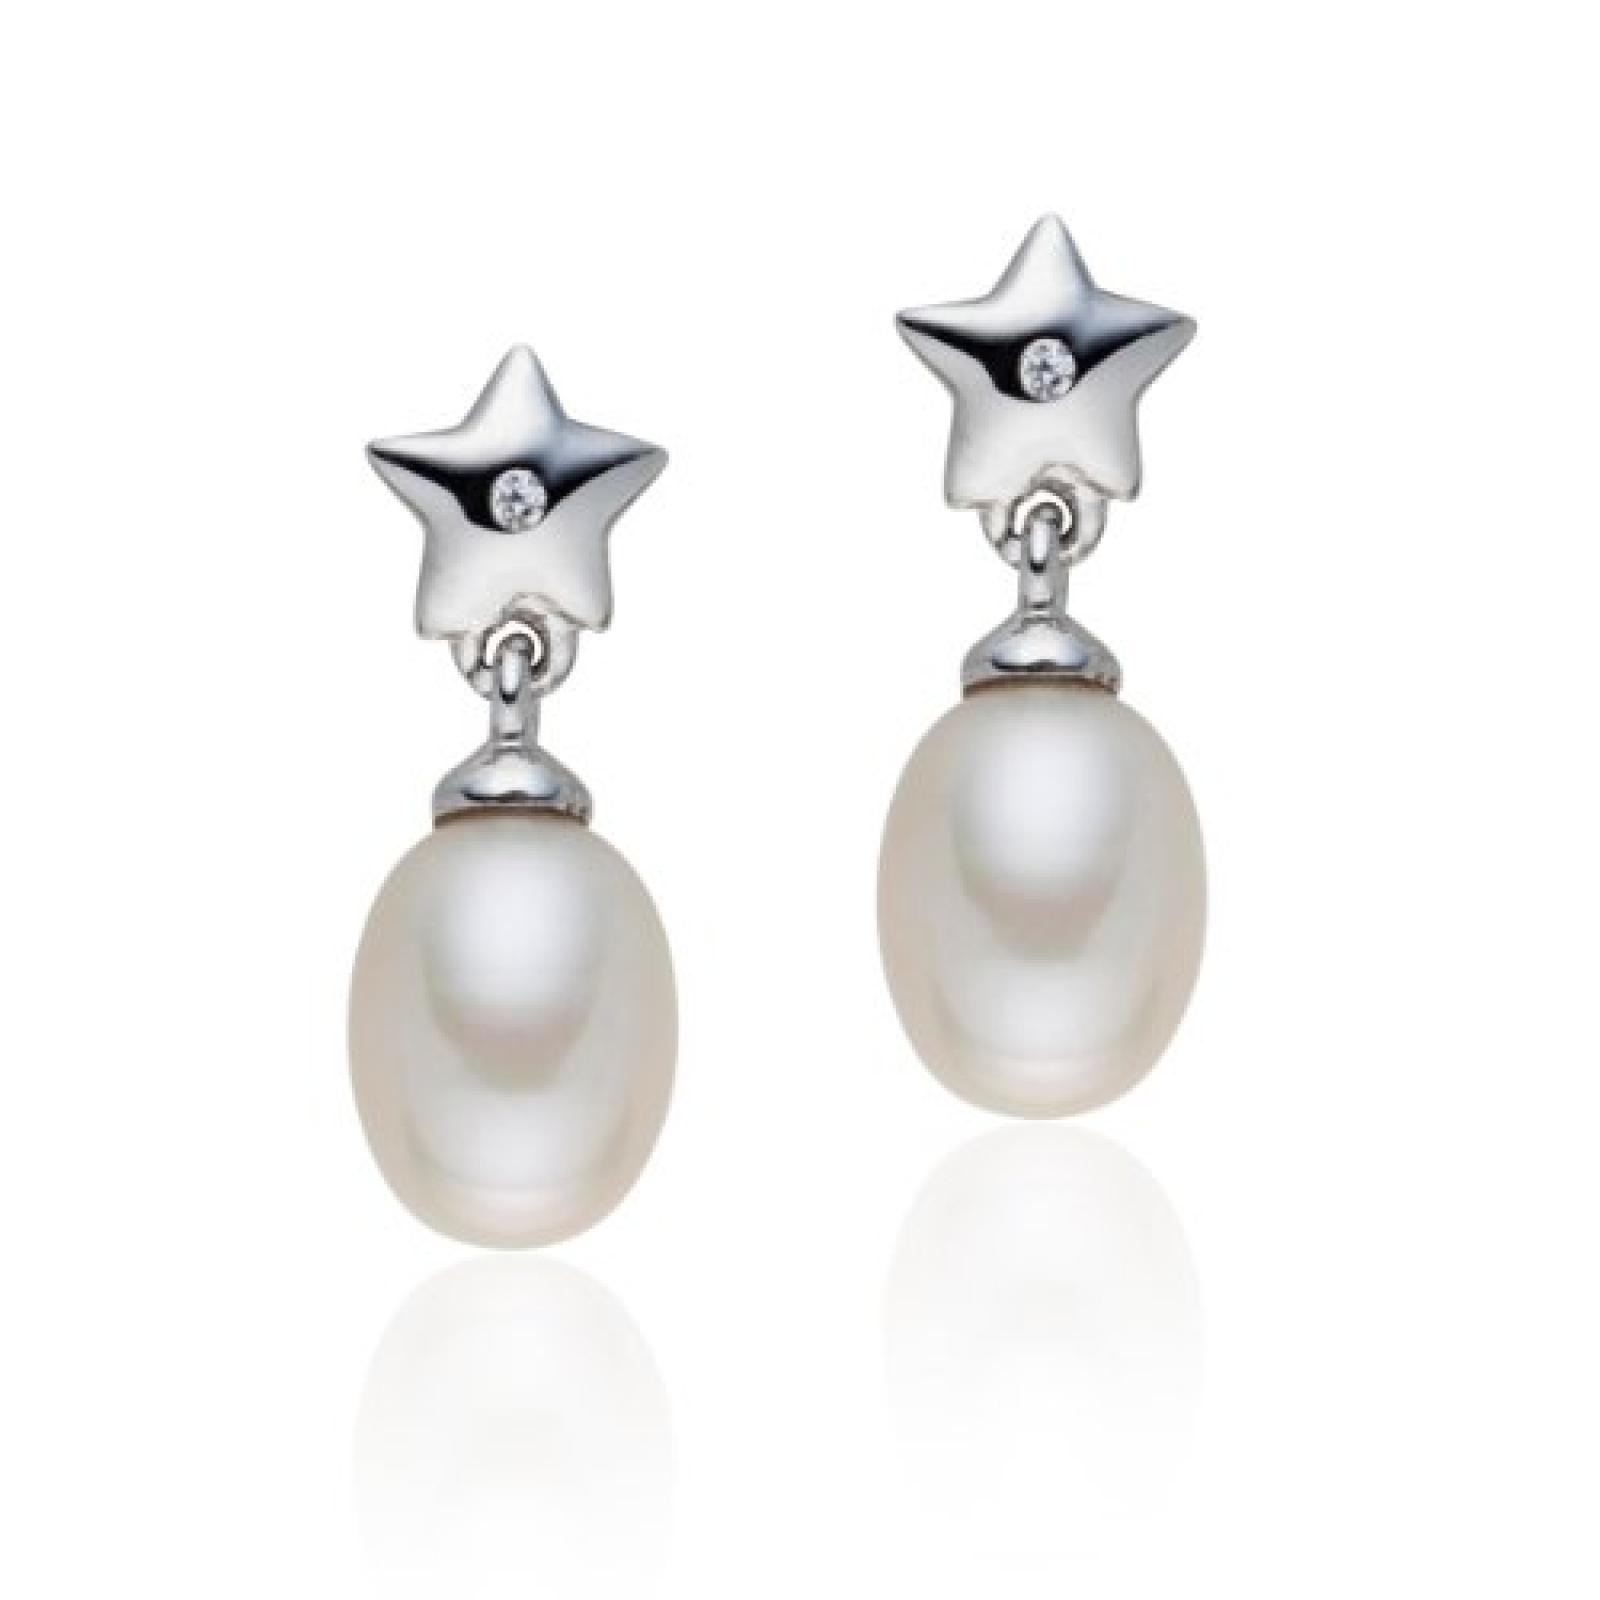 Valero Pearls Silver Collection Damen-Ohrstecker Hochwertige Süßwasser-Zuchtperlen in ca.  6-7 mmTropfenform weiß 925 Sterling Silber   Diamant    60840040